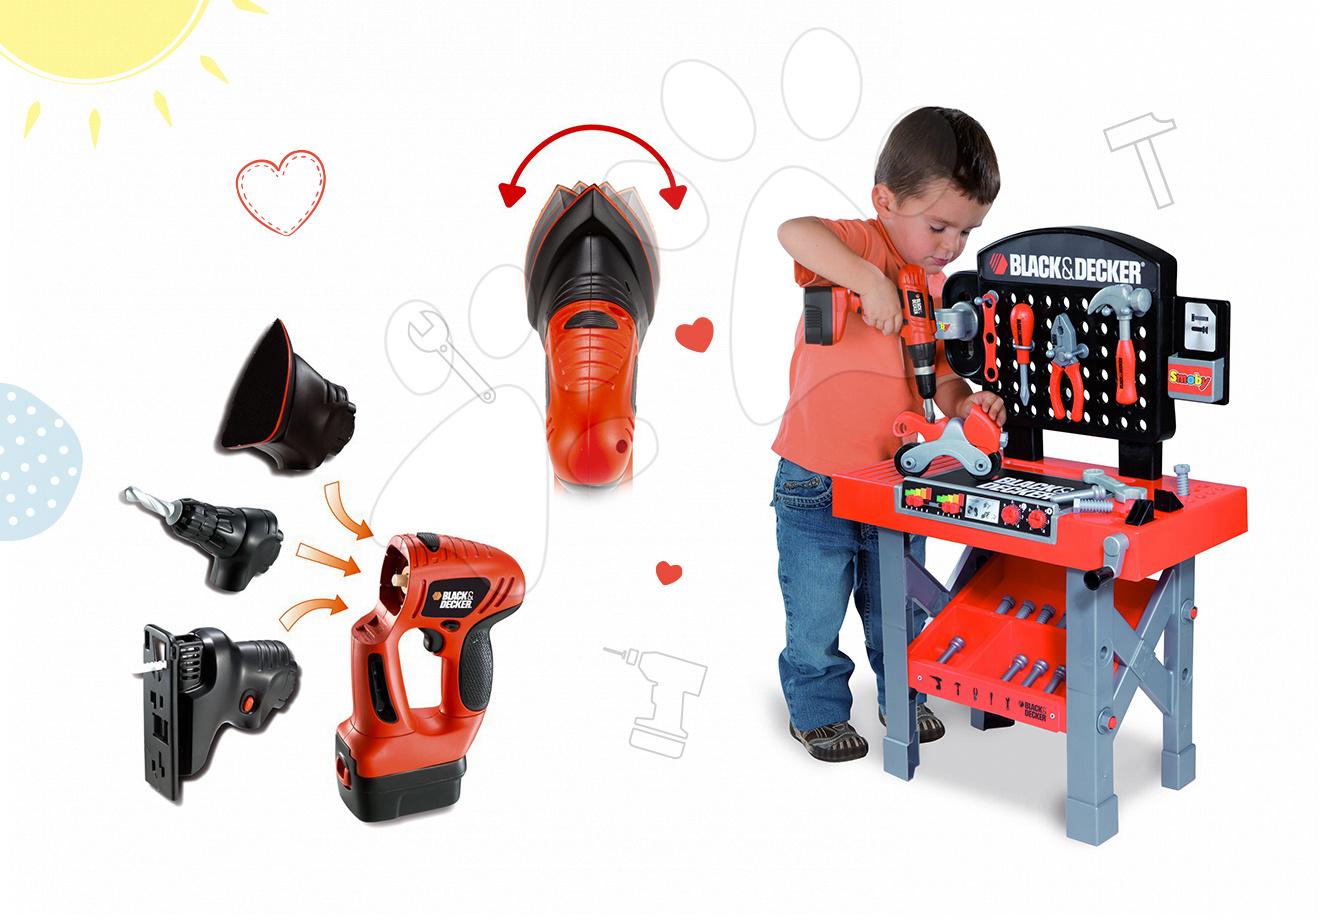 Smoby pracovná dielňa pre deti Black&Decker a elektronický nástroj Quatro set 500205-2